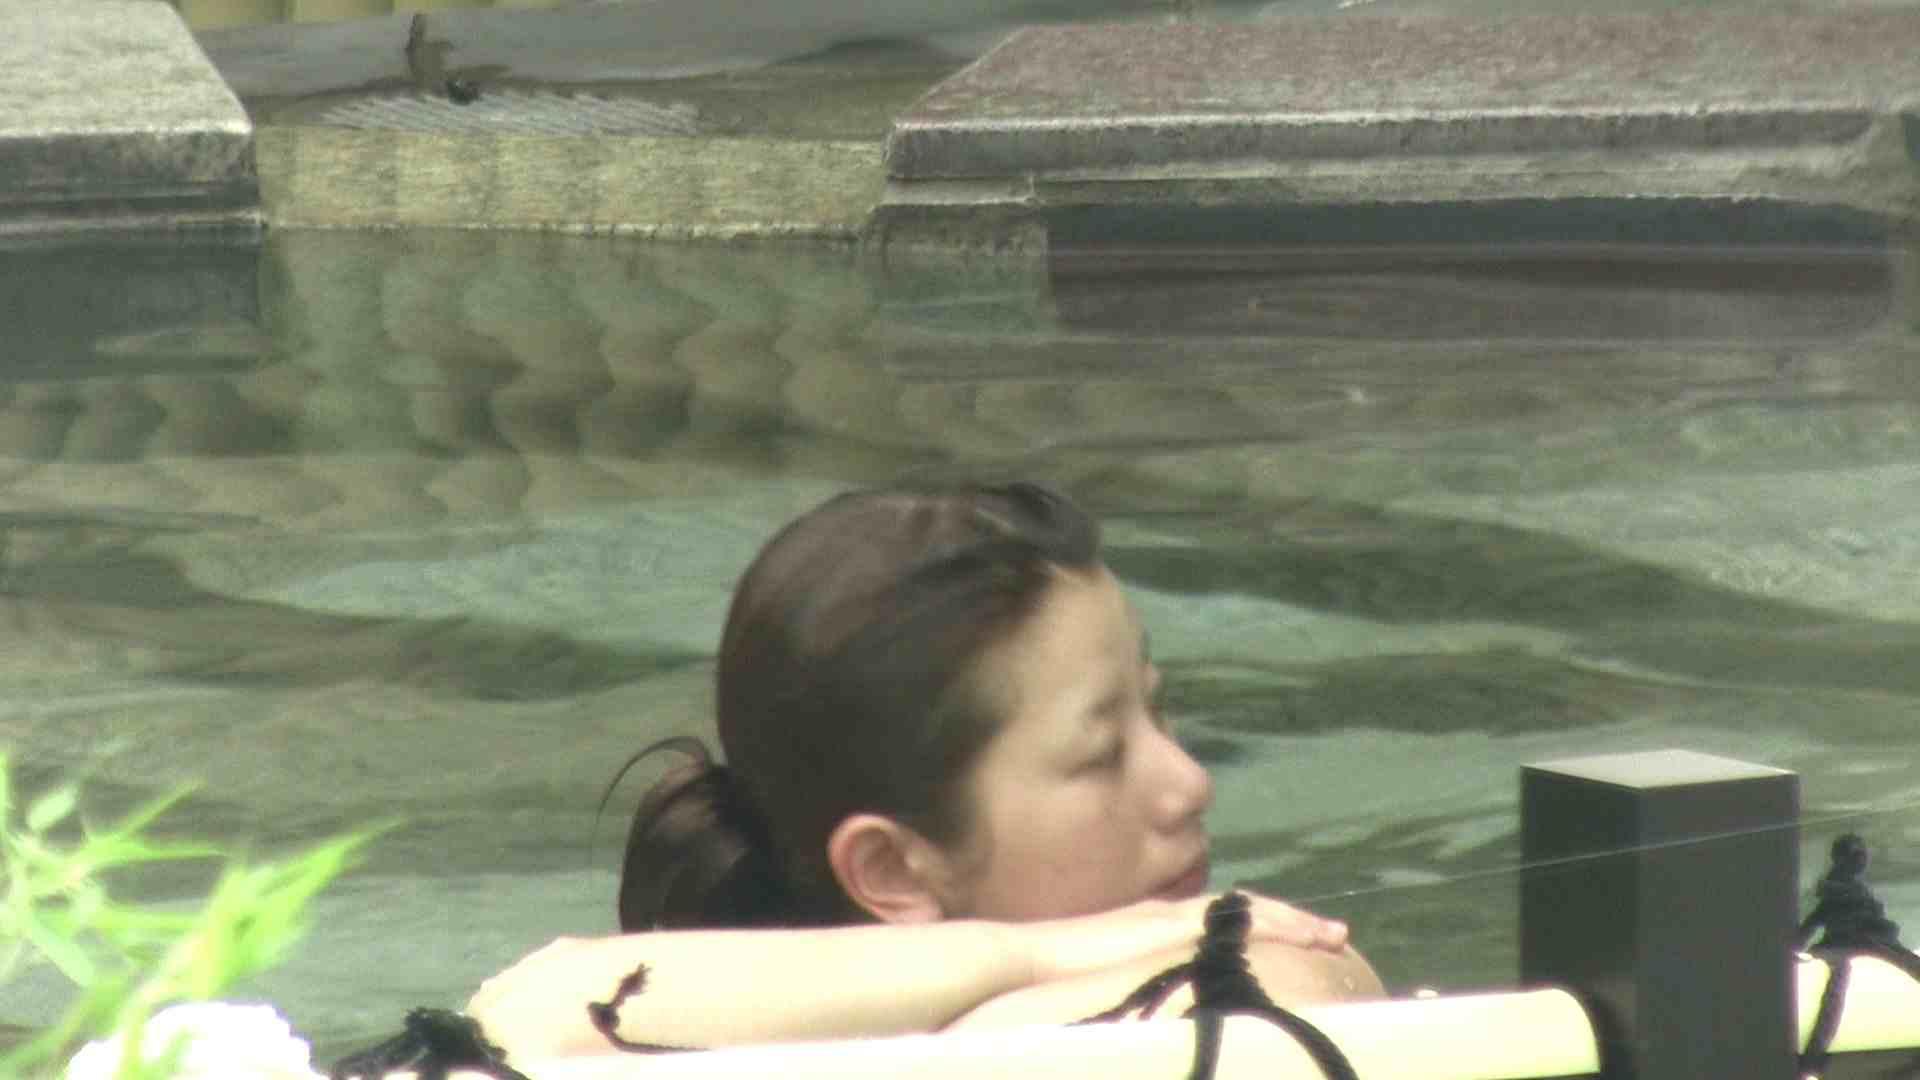 Aquaな露天風呂Vol.19【VIP】 美しいOLの裸体   盗撮師作品  106pic 28